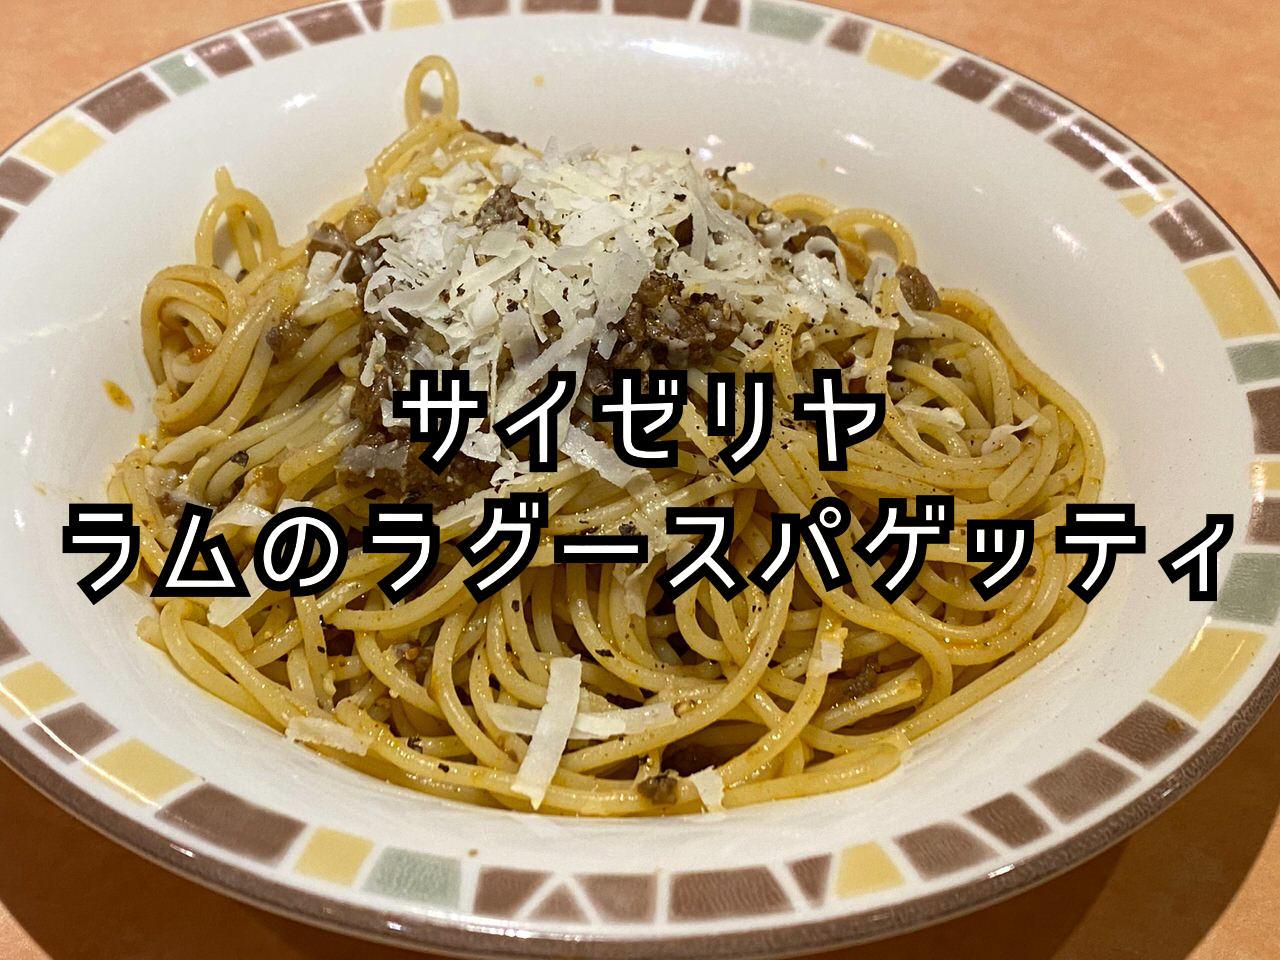 【サイゼリヤ】「ラムのラグースパゲッティ」 005 202103 titile